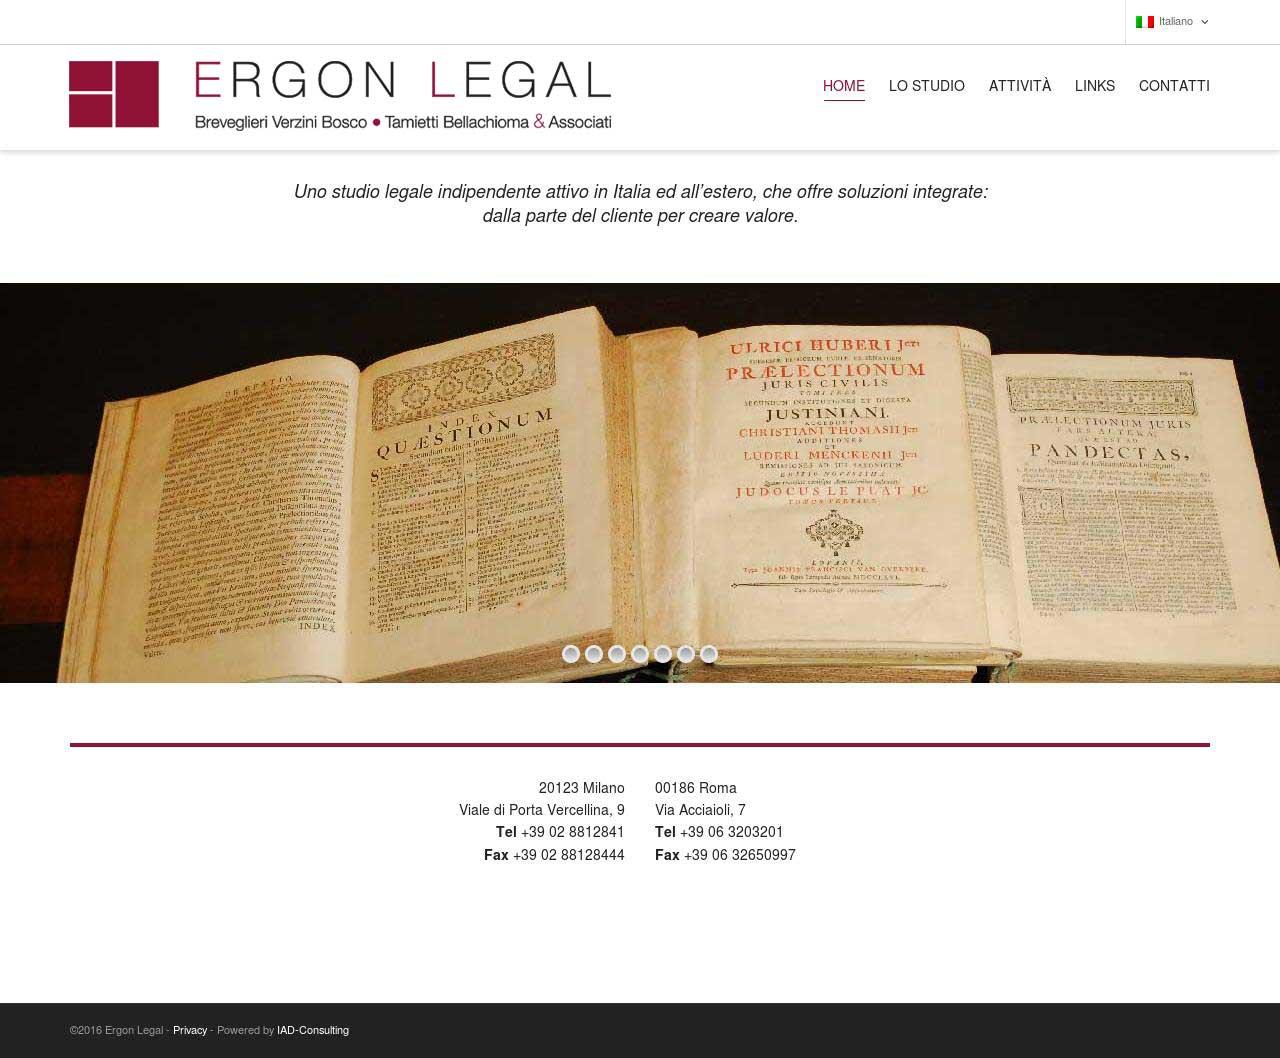 ergon-legal-home